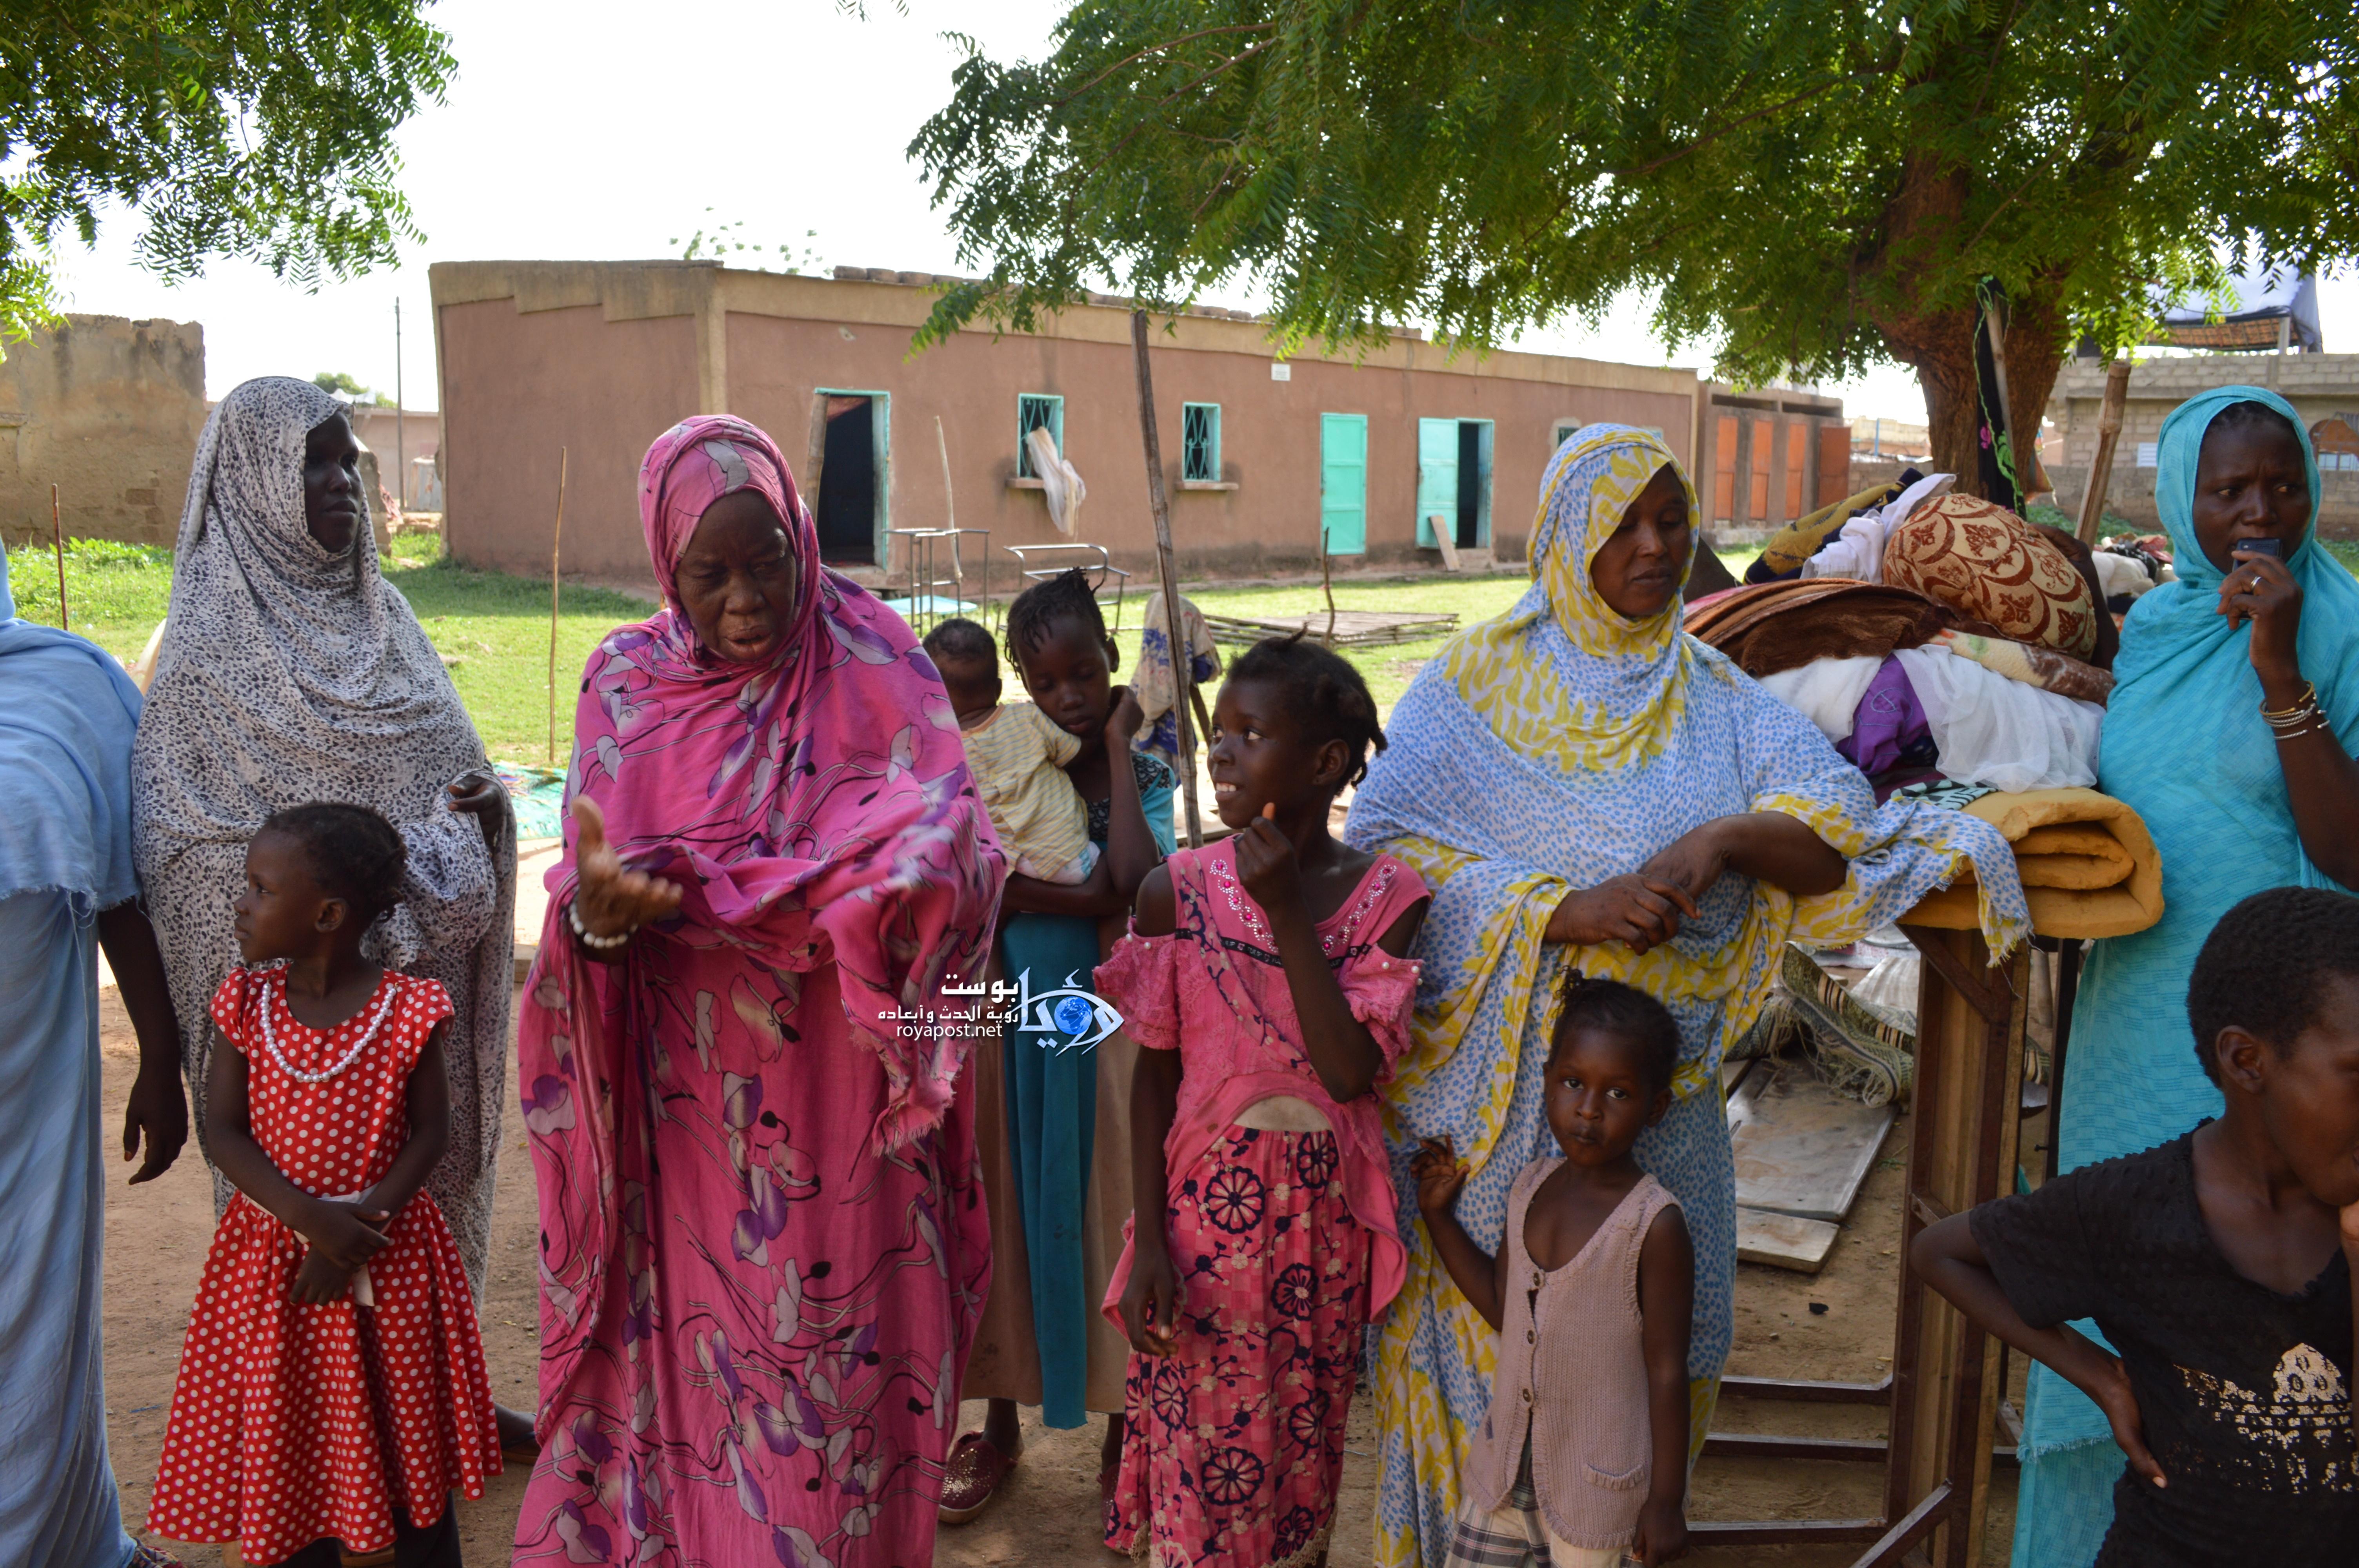 صورة سيلبابي: عائلات تجأر بالشكوى بعد الإعلان عن اكتمال توزيع المساعدات